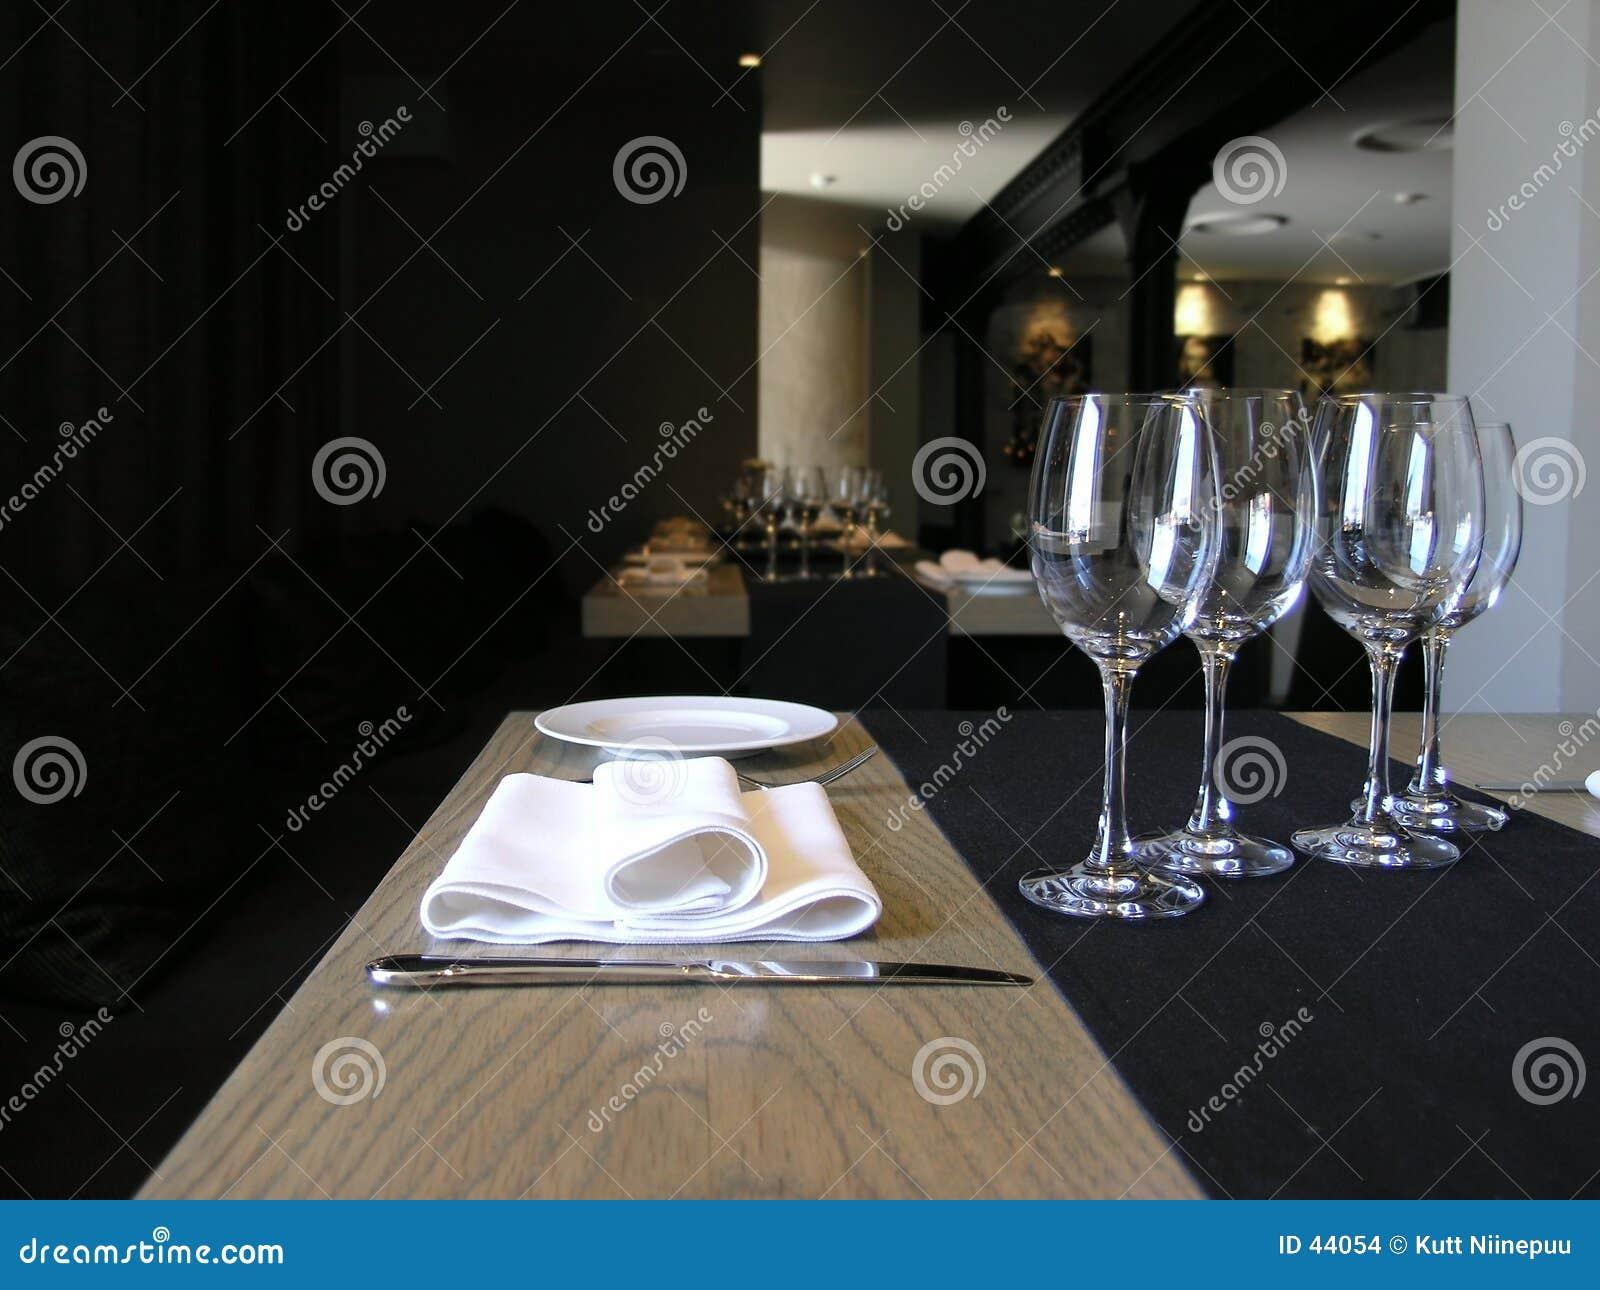 Willkommen zu unserer Gaststätte!